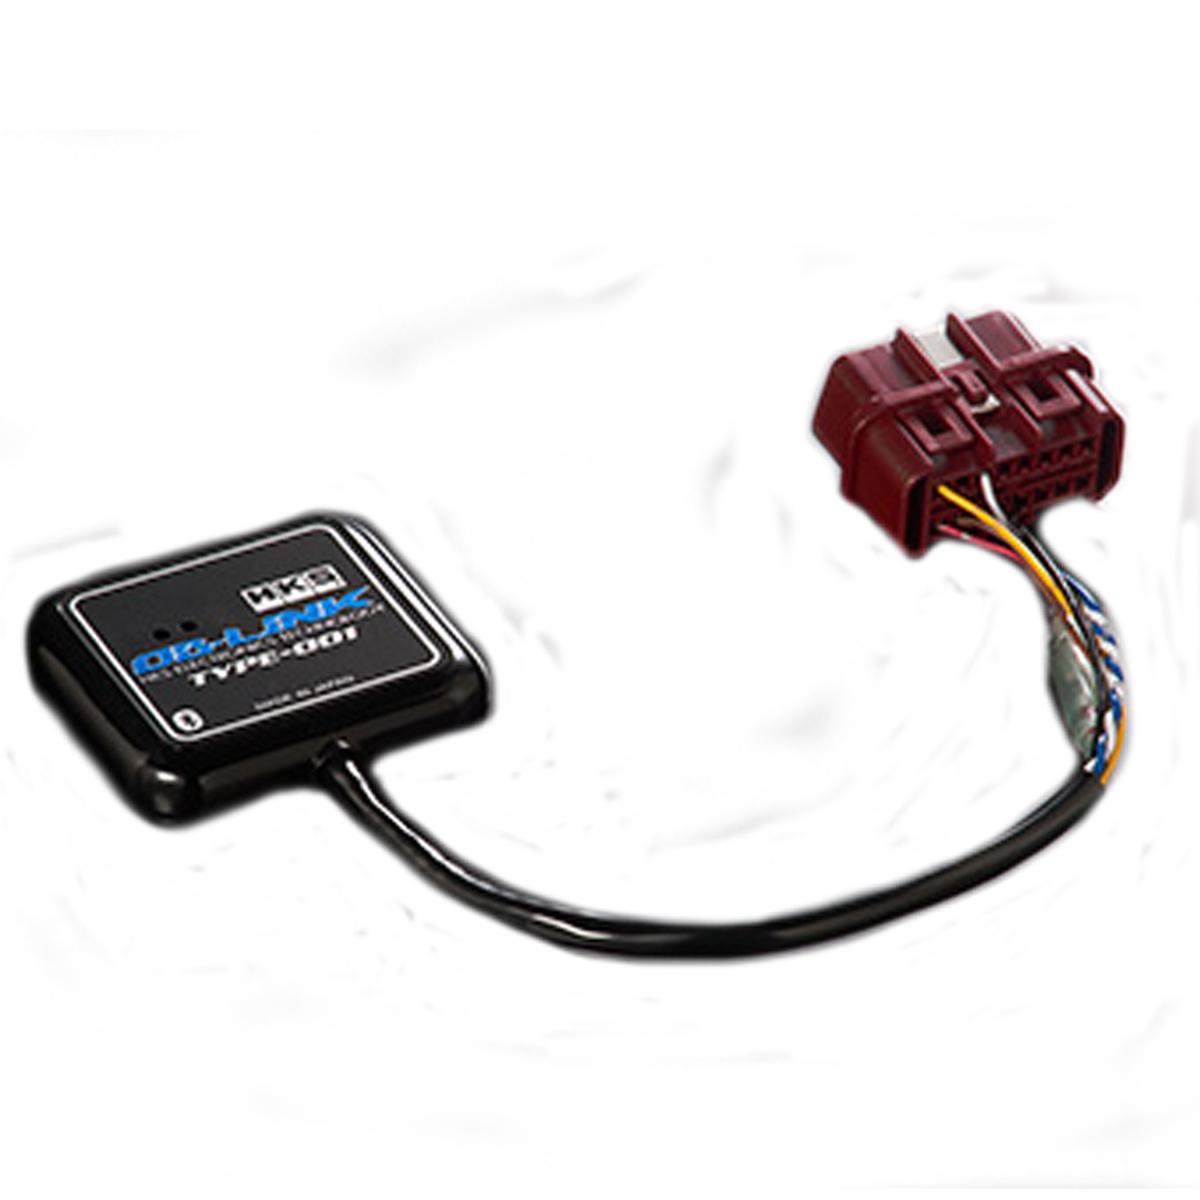 ノア ハイブリッド モニター OBリンク タイプ 001 ZWR80G HKS 44009-AK002 エレクトリニクス 個人宅発送追金有